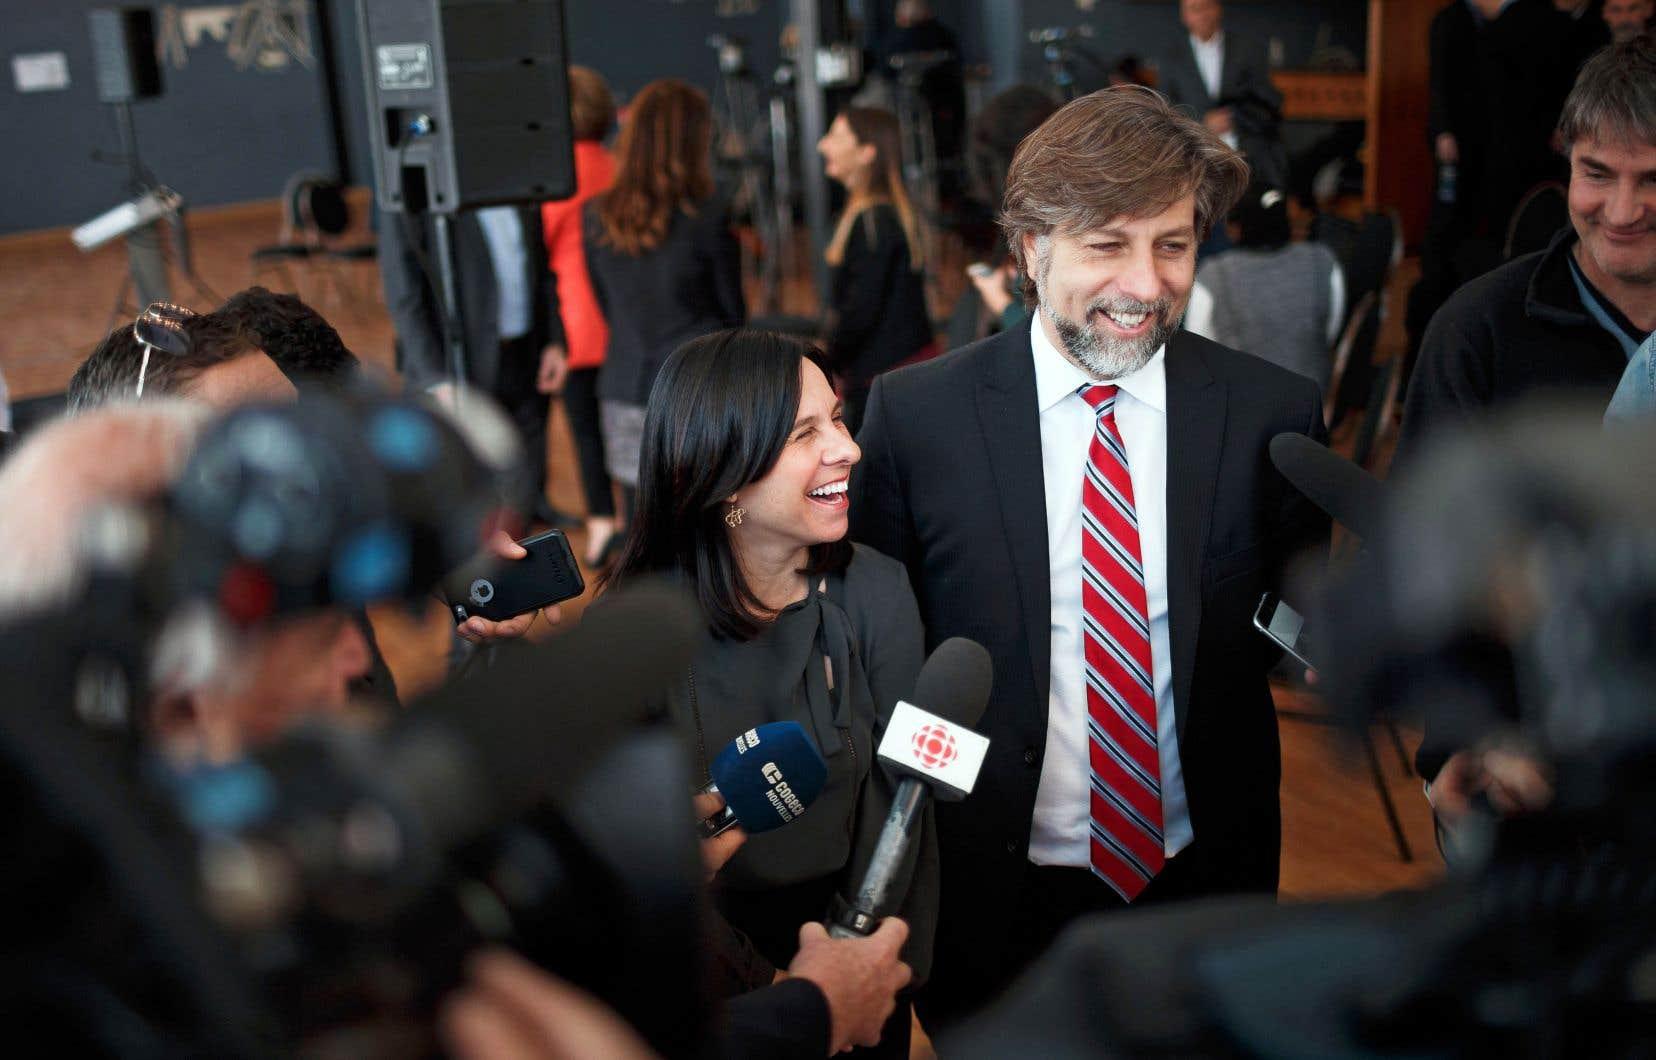 Le maire du Plateau-Mont-Royal, Luc Ferrandez, que l'on voit ici avec la mairesse de Montréal, Valérie Plante, en a surpris plusieurs mardi en annonçant sa retraite de la vie politique.